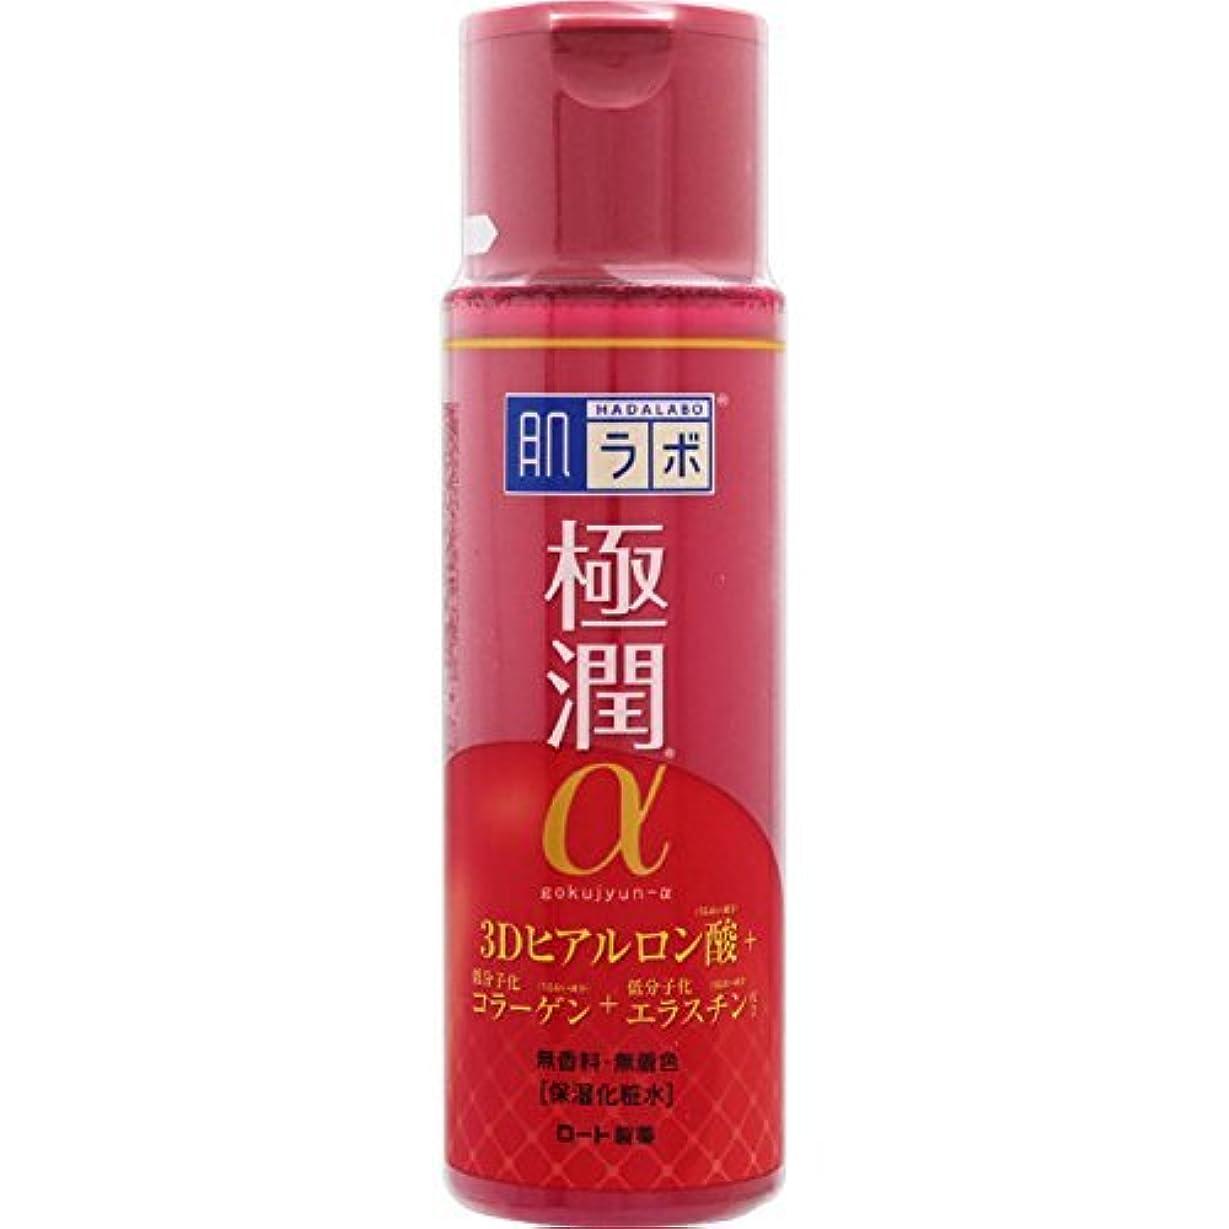 見せます剥離限られた肌ラボ 極潤α ハリ化粧水 3Dヒアルロン酸×低分子化コラーゲン×低分子化エラスチン配合 170ml